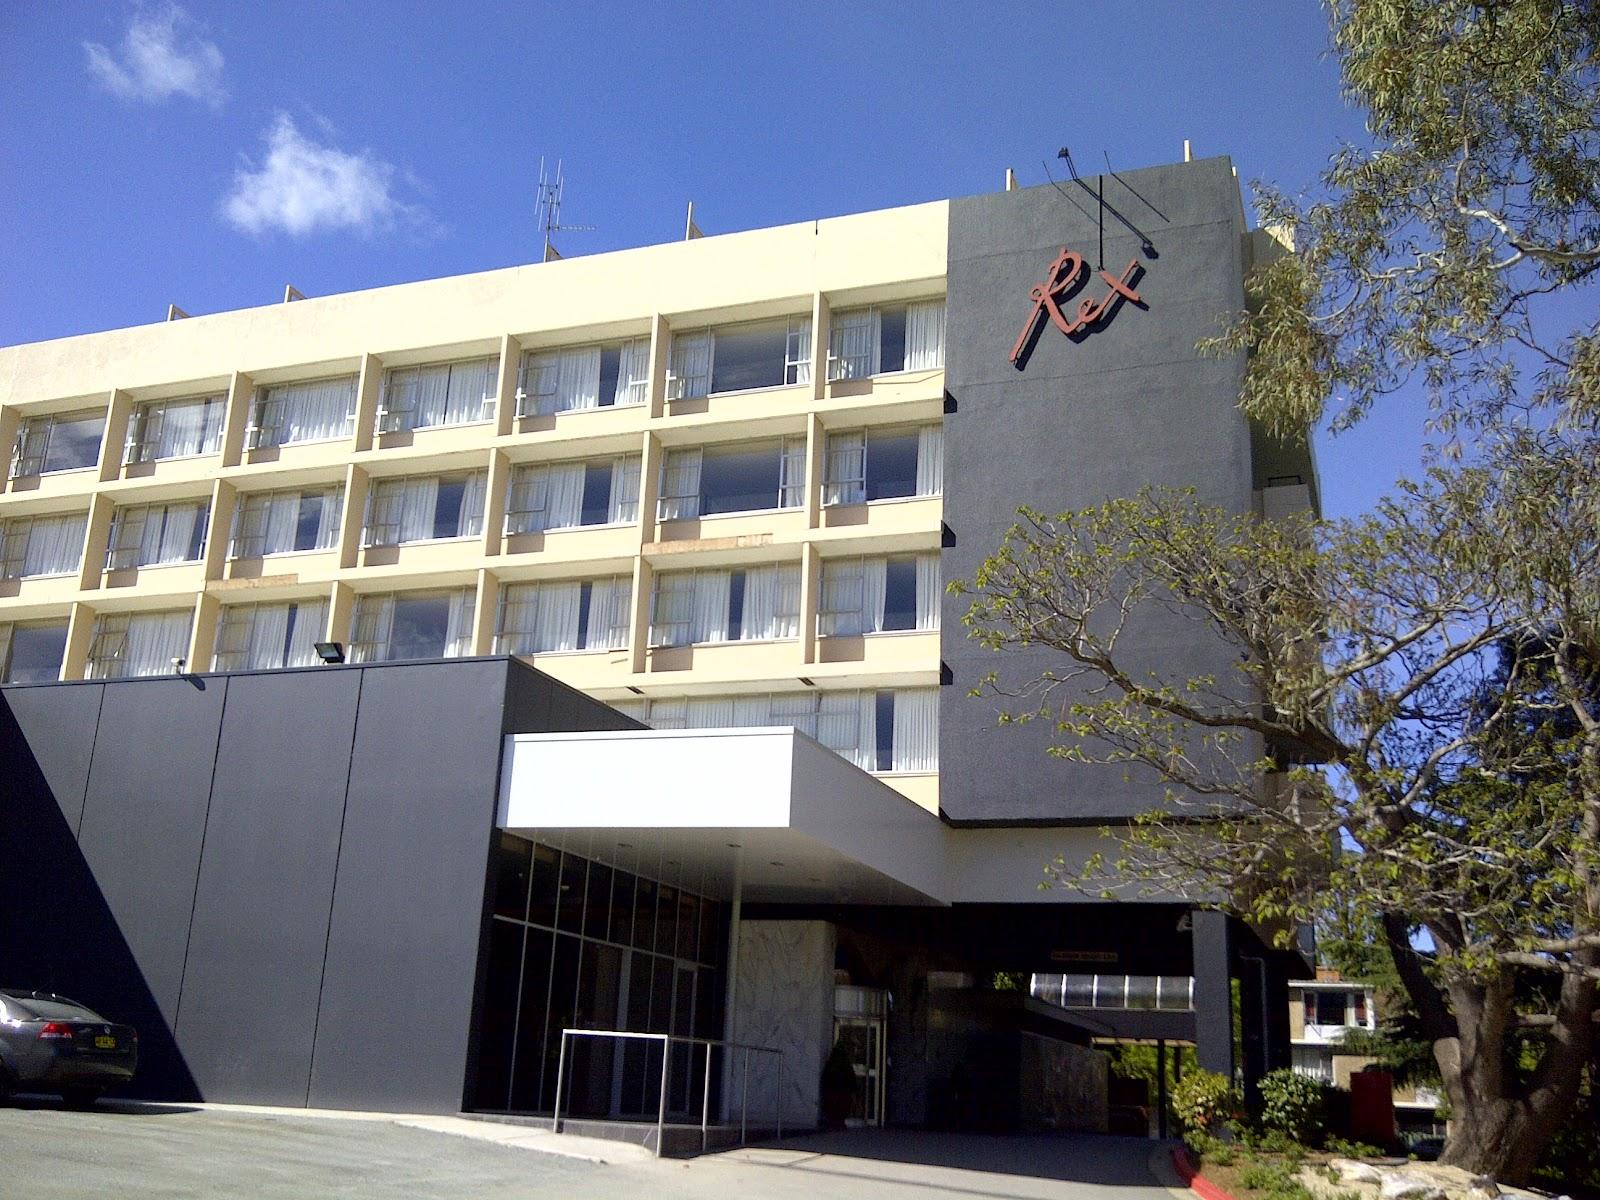 Canberra Casino Hotel